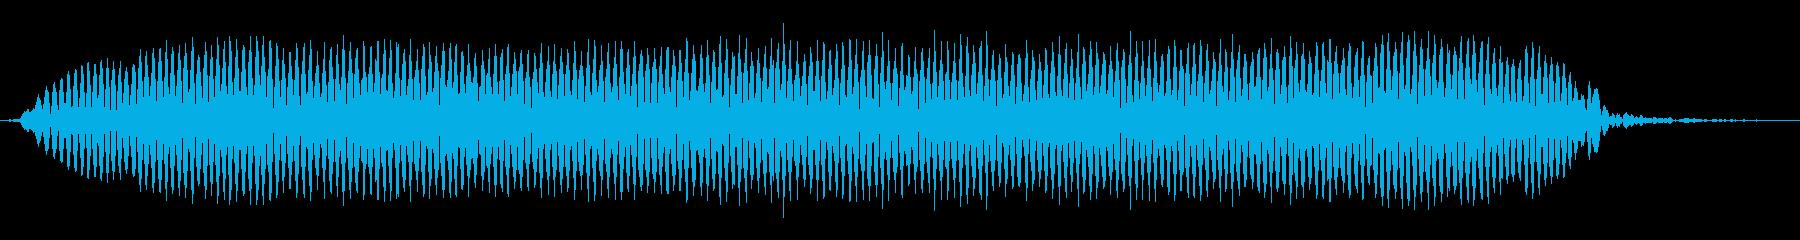 「ピィィーッ」サッカー重大なファールの笛の再生済みの波形